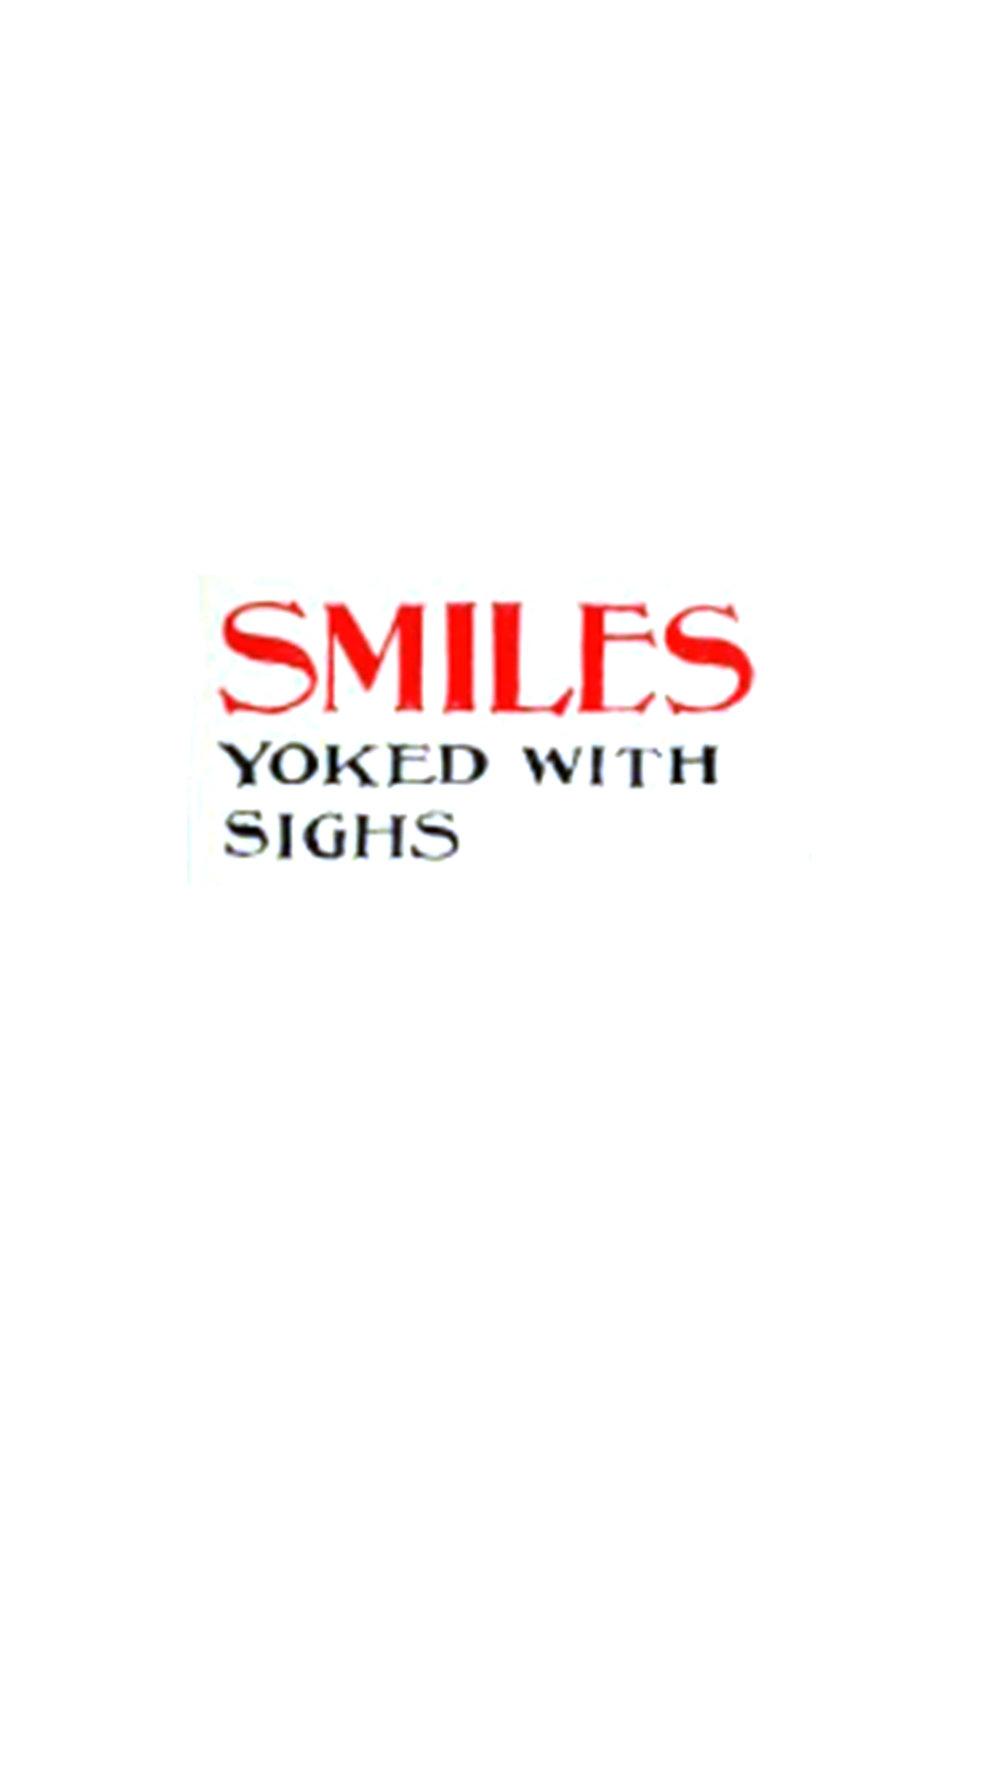 smiles.jpg